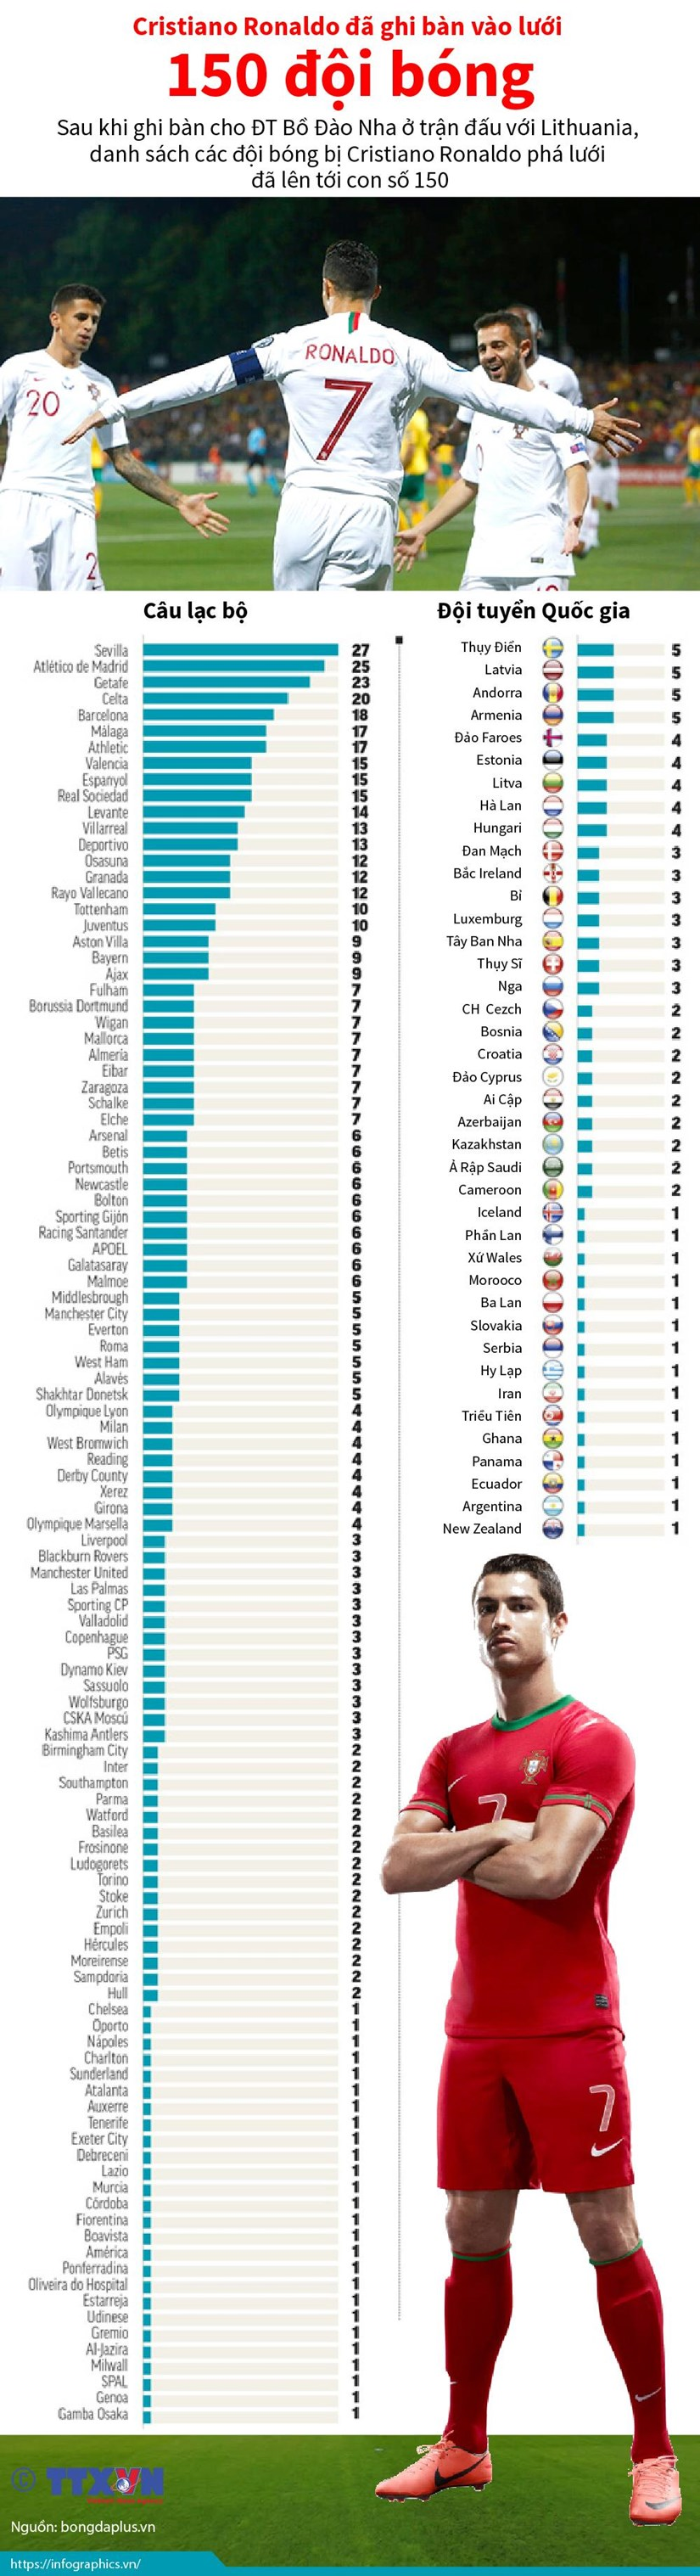 [Infographics] Cristiano Ronaldo da ghi ban vao luoi 150 doi bong hinh anh 1